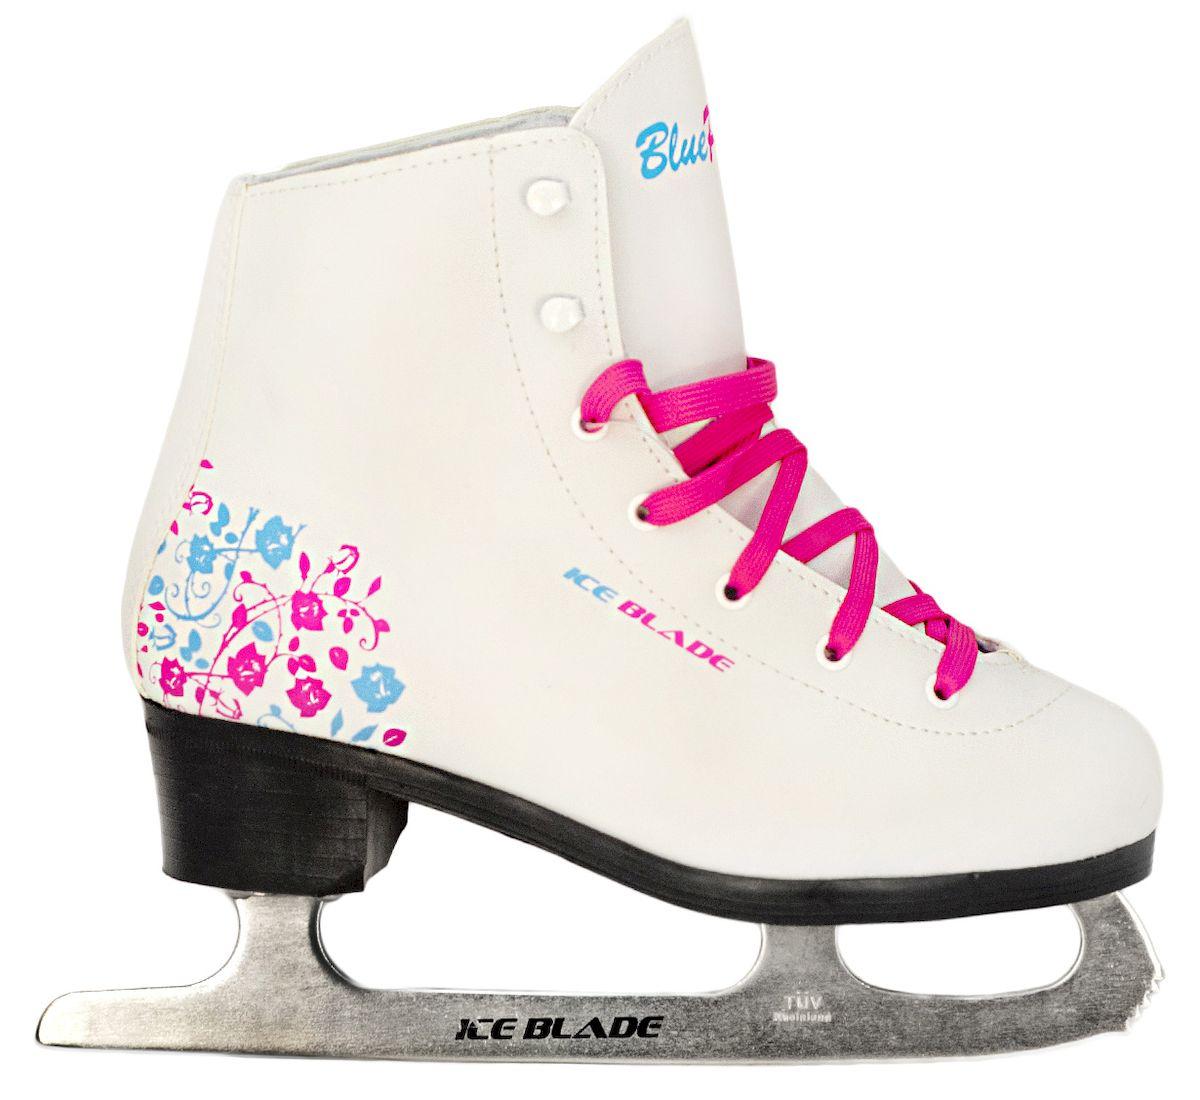 Коньки фигурные Ice Blade BluePink, цвет: белый, розовый, голубой. УТ-00006869. Размер 39